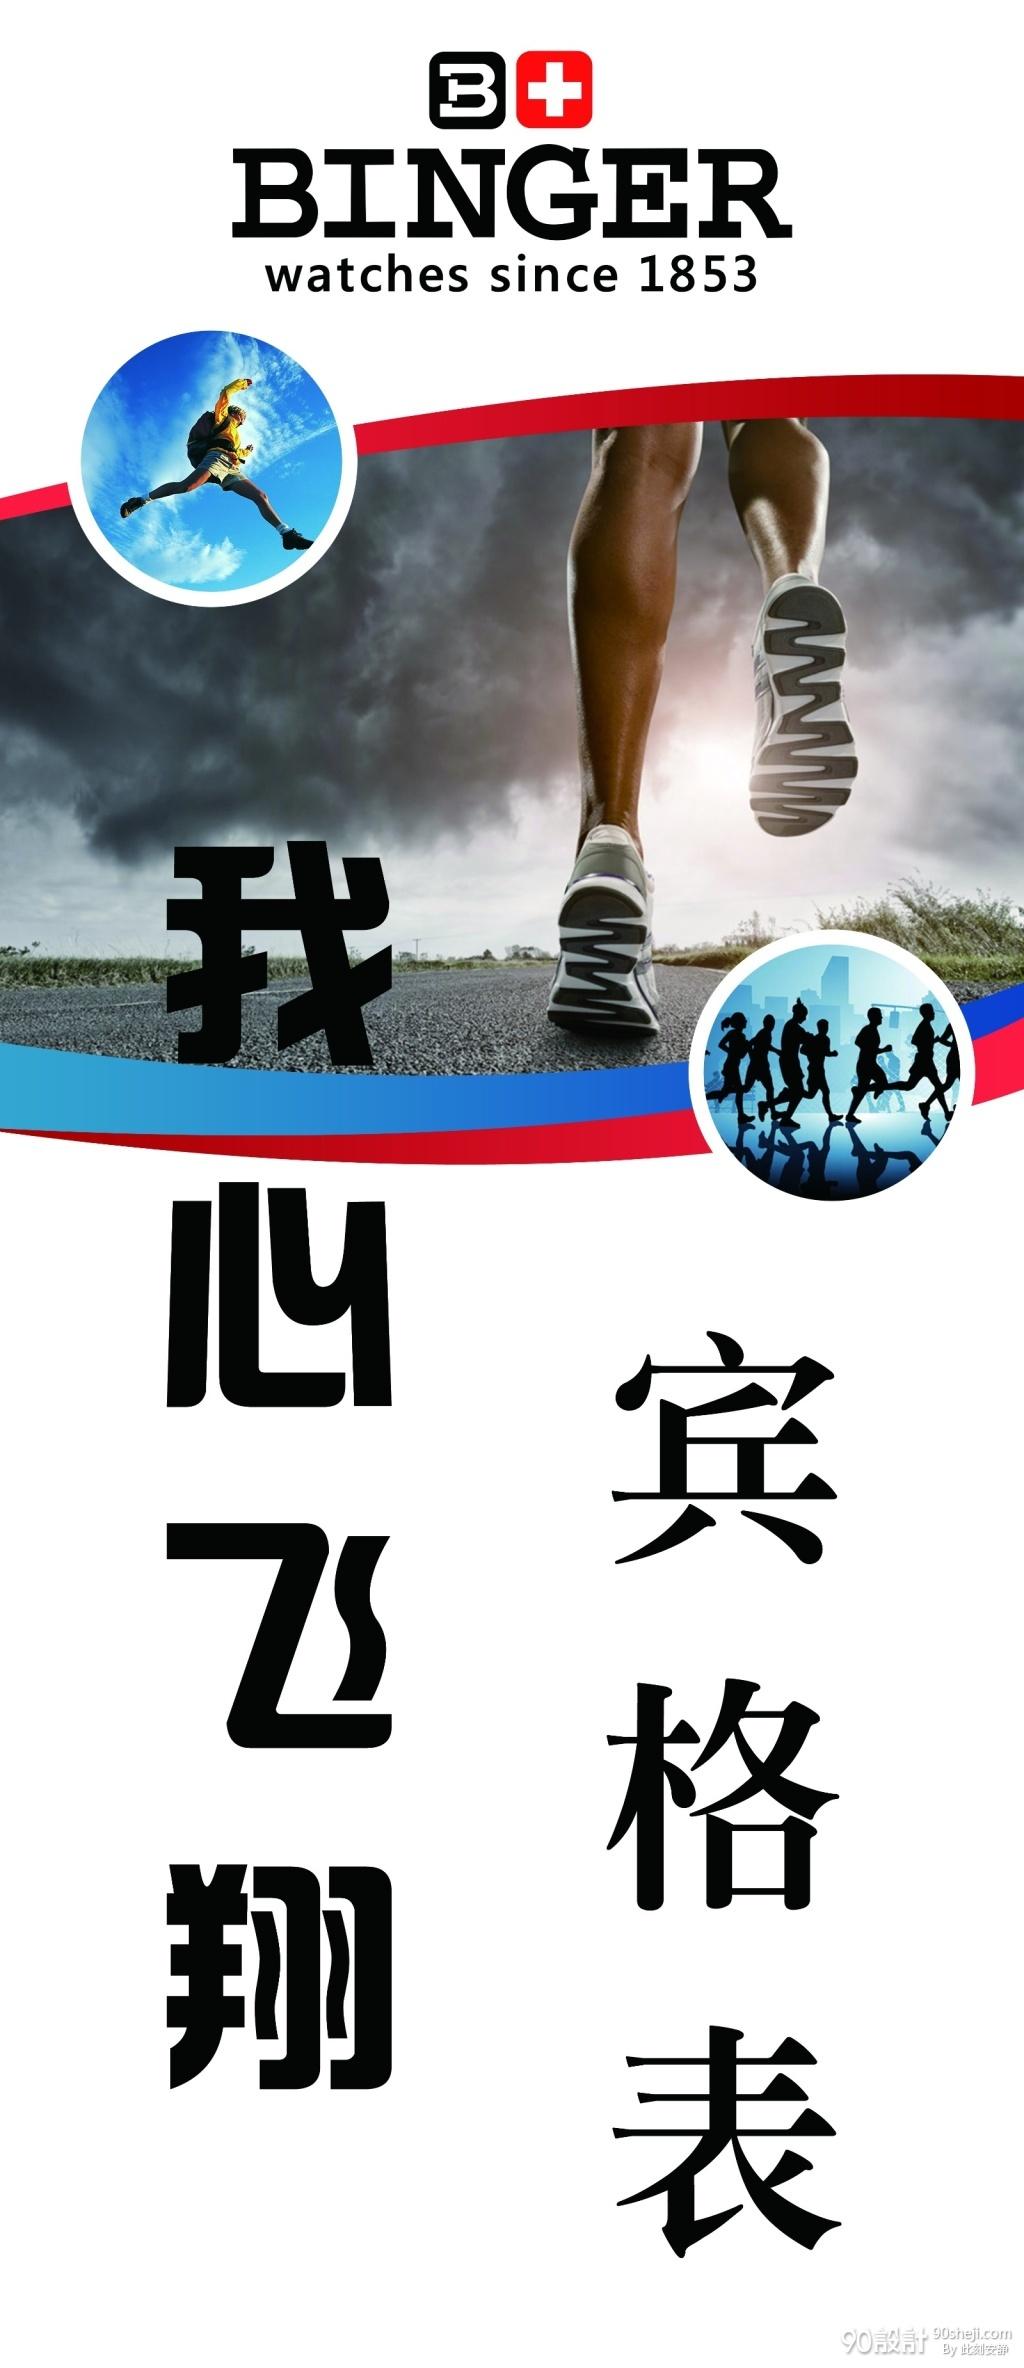 宾格活动马拉松易拉宝宣传_海报设计_90设计90sheji.